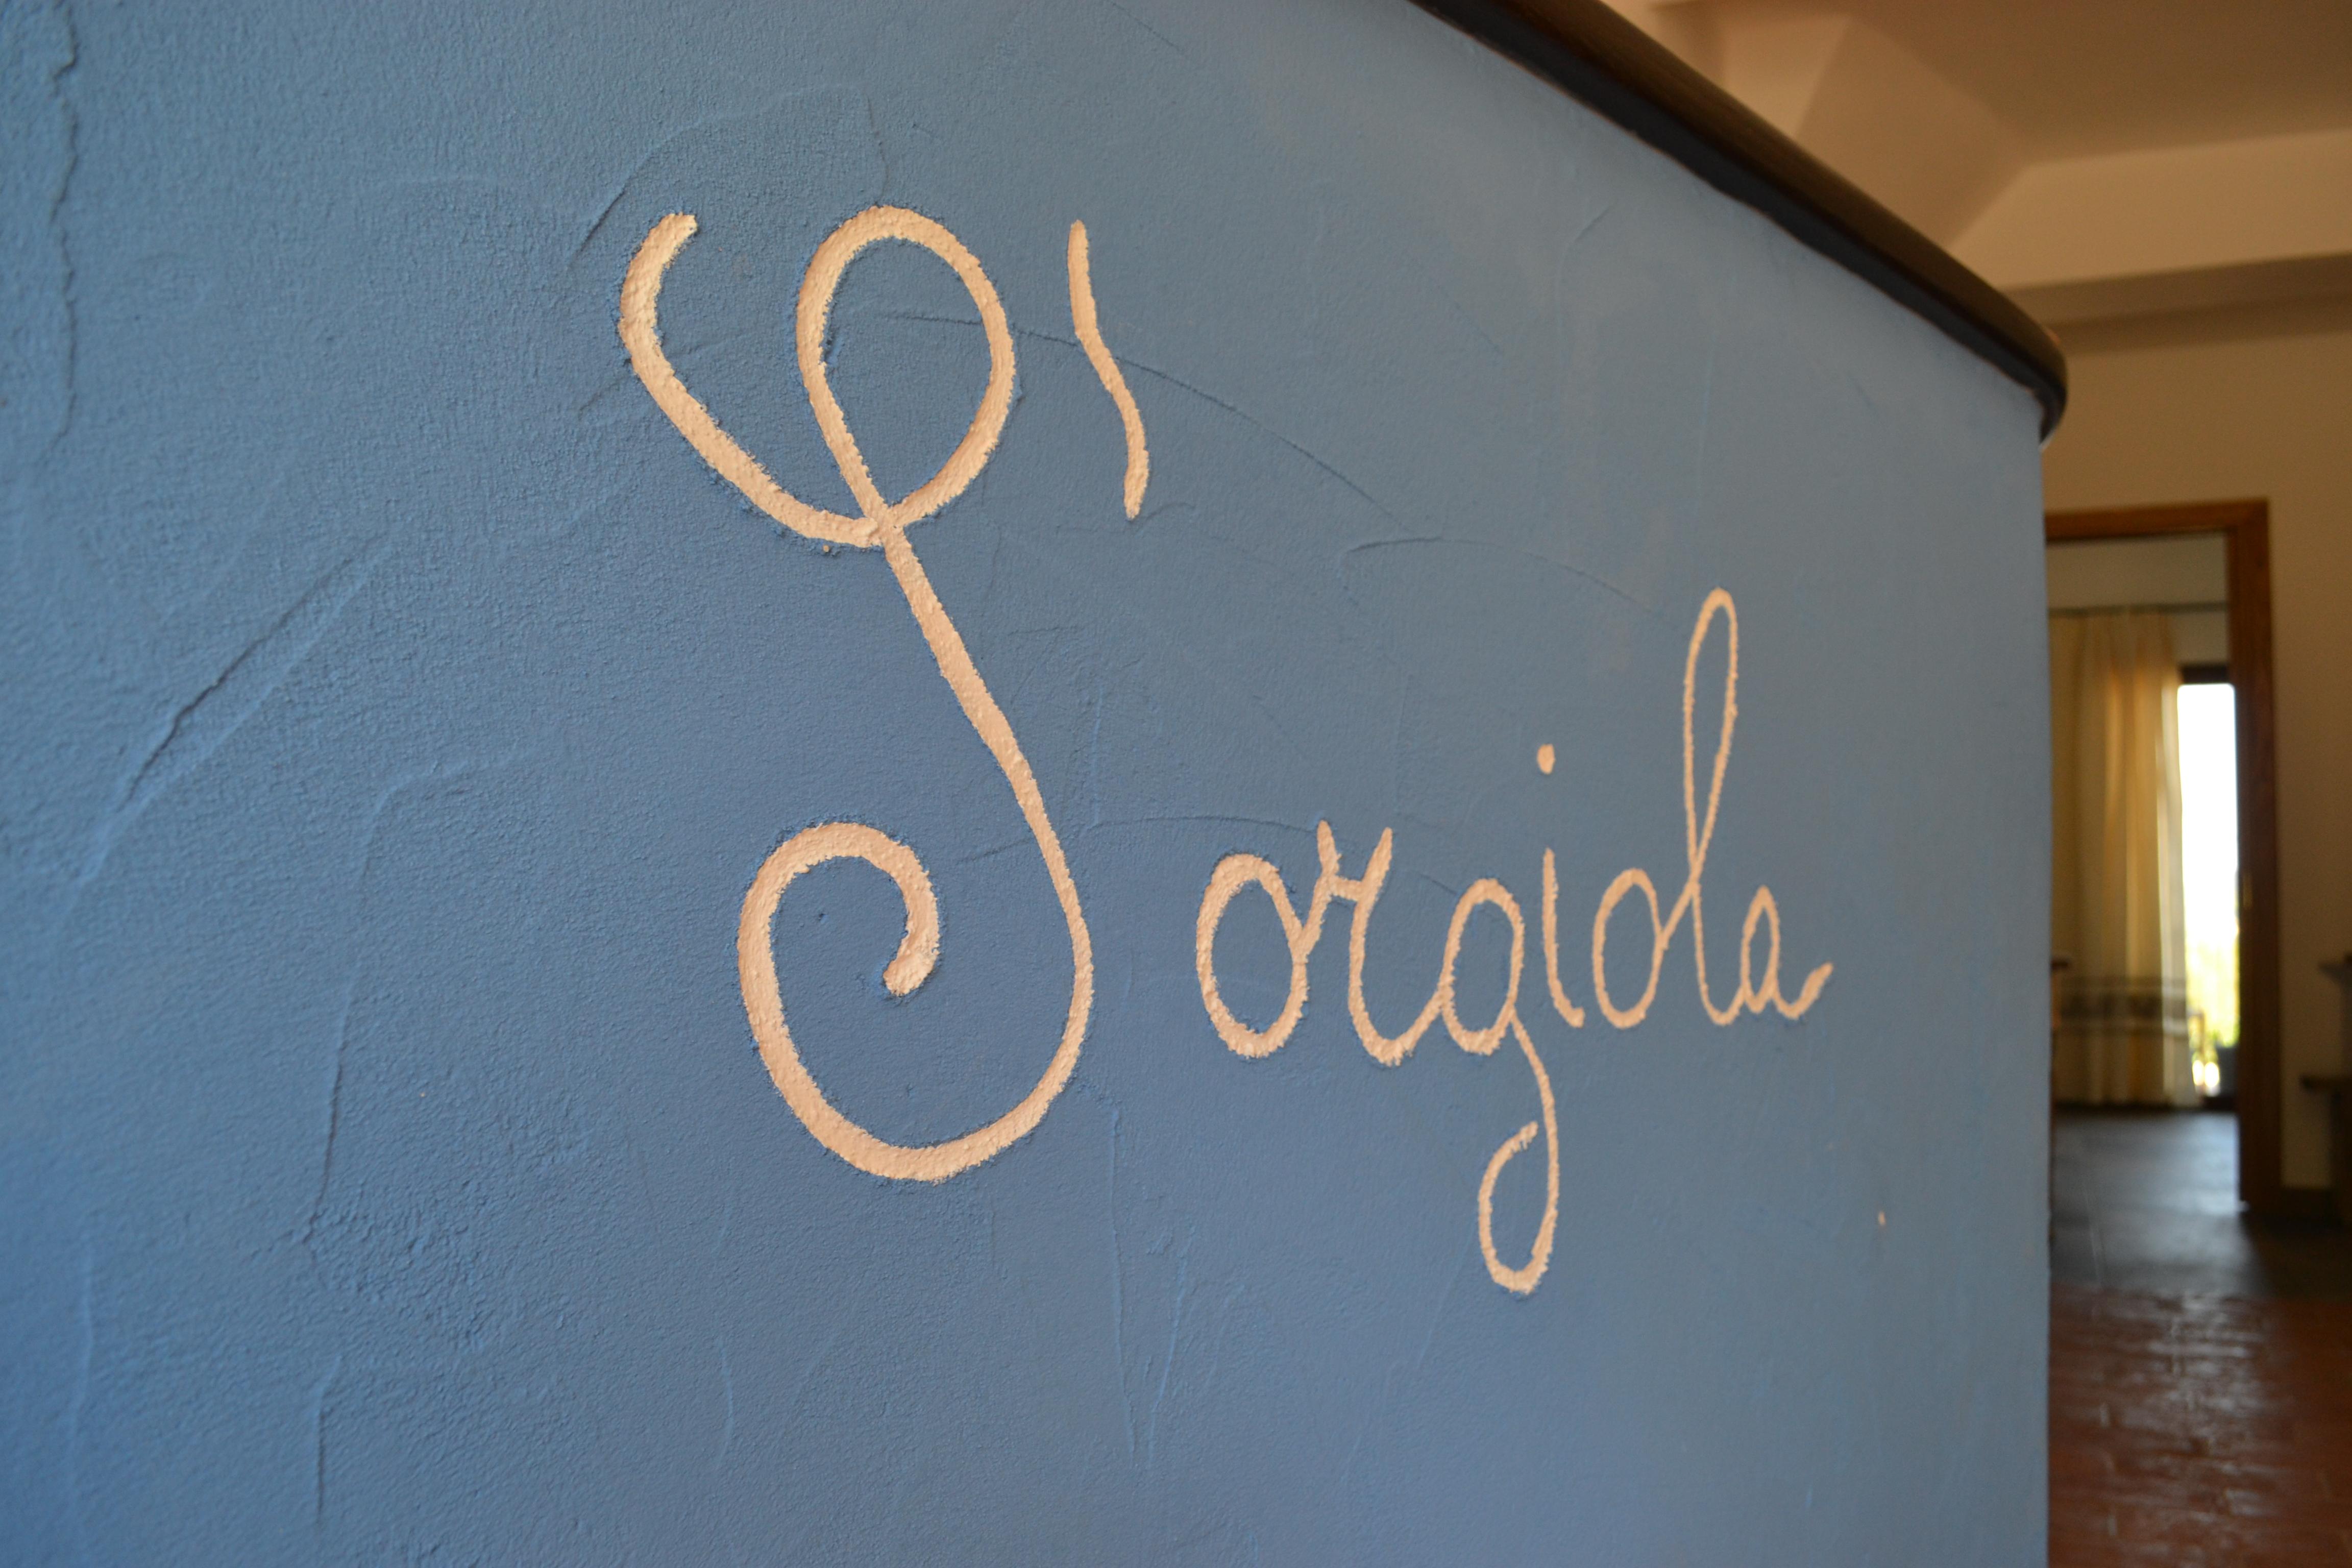 S'Orgiola